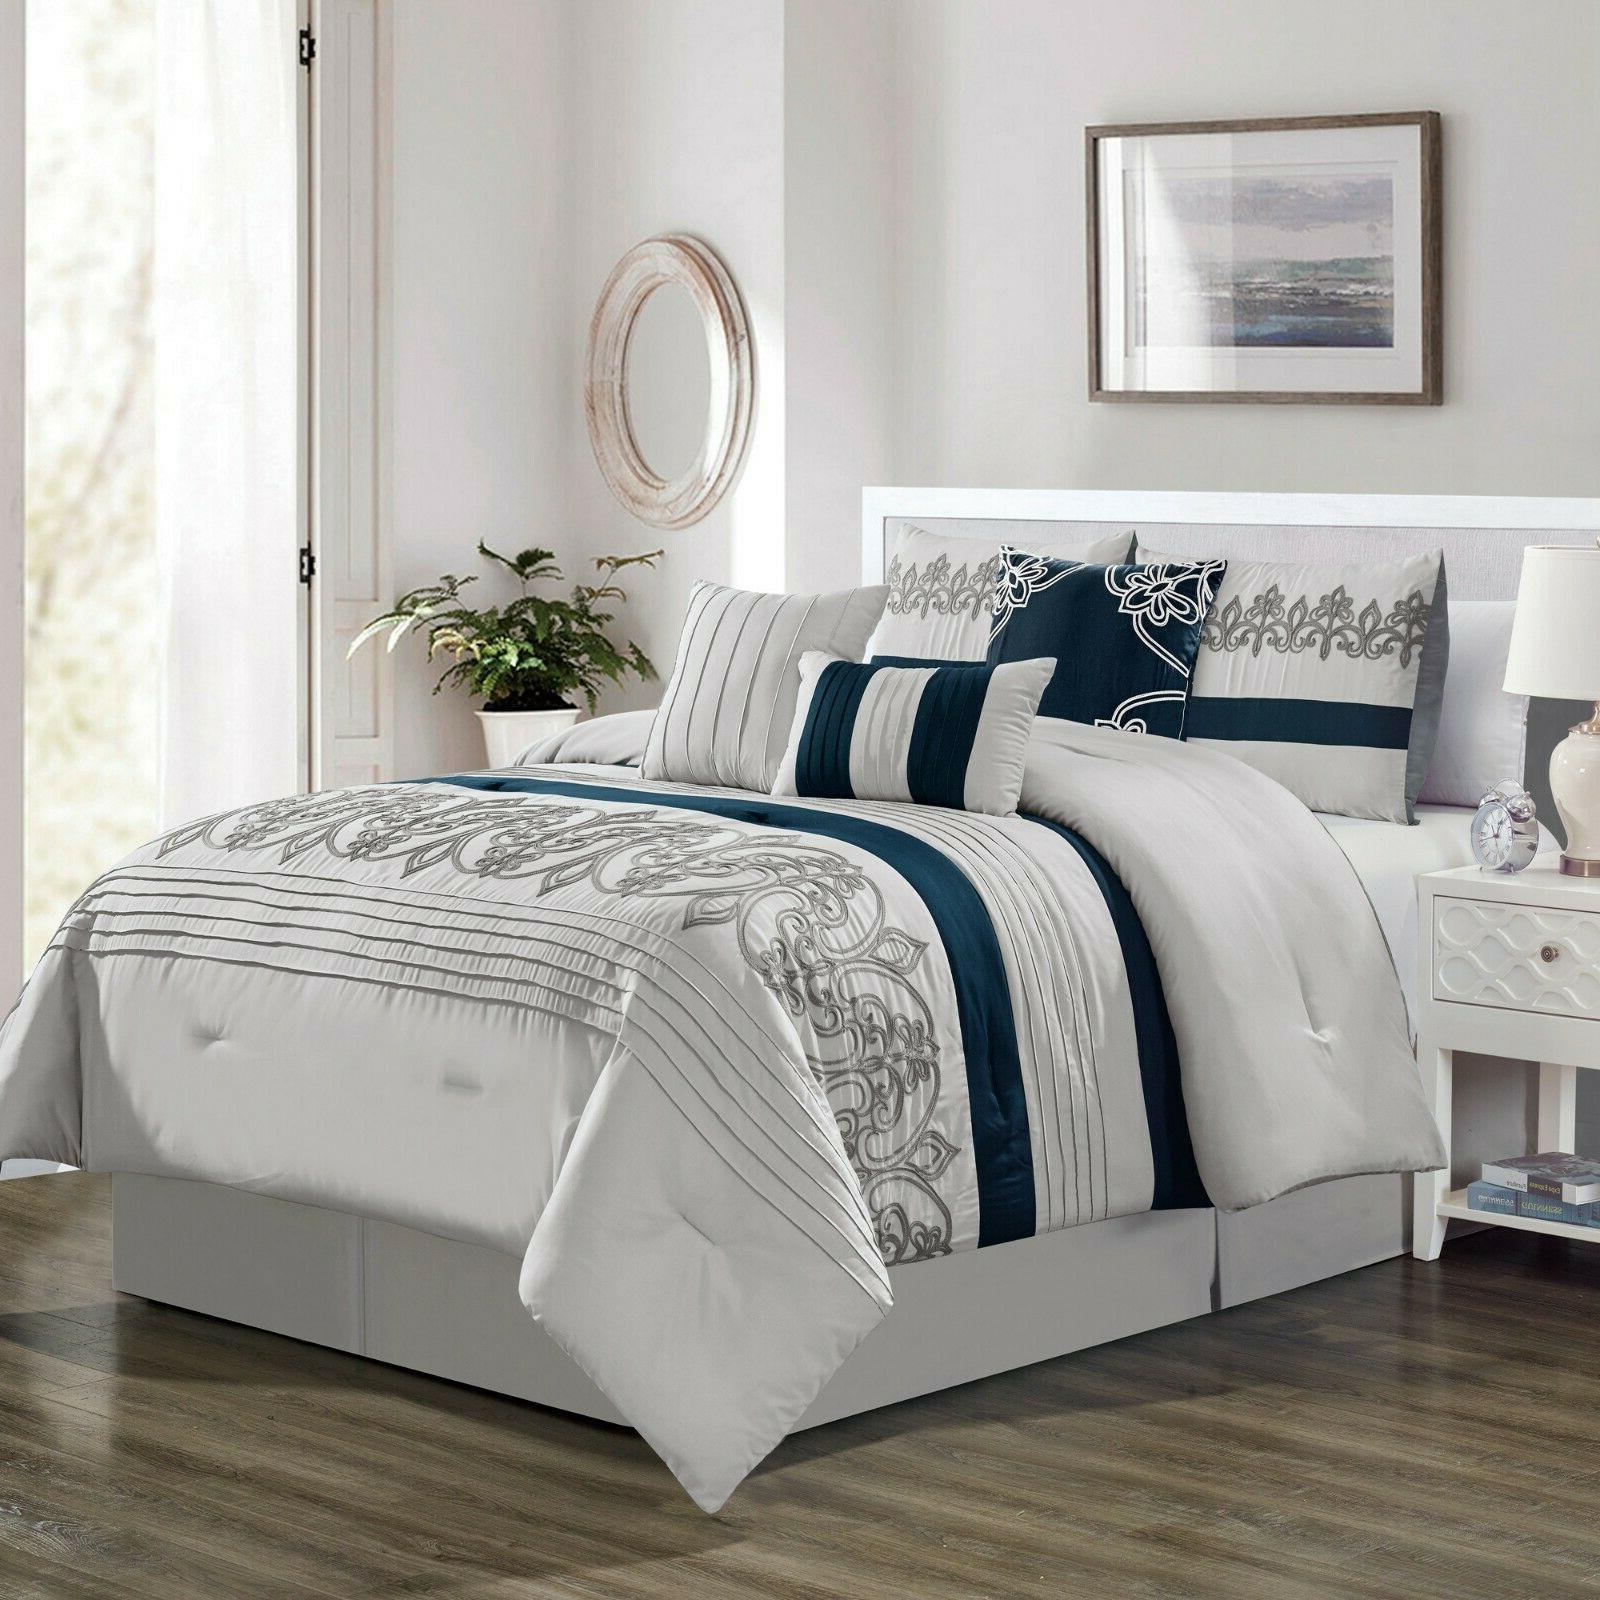 7 Comforter Set - Bed a Bag King Queen Cal